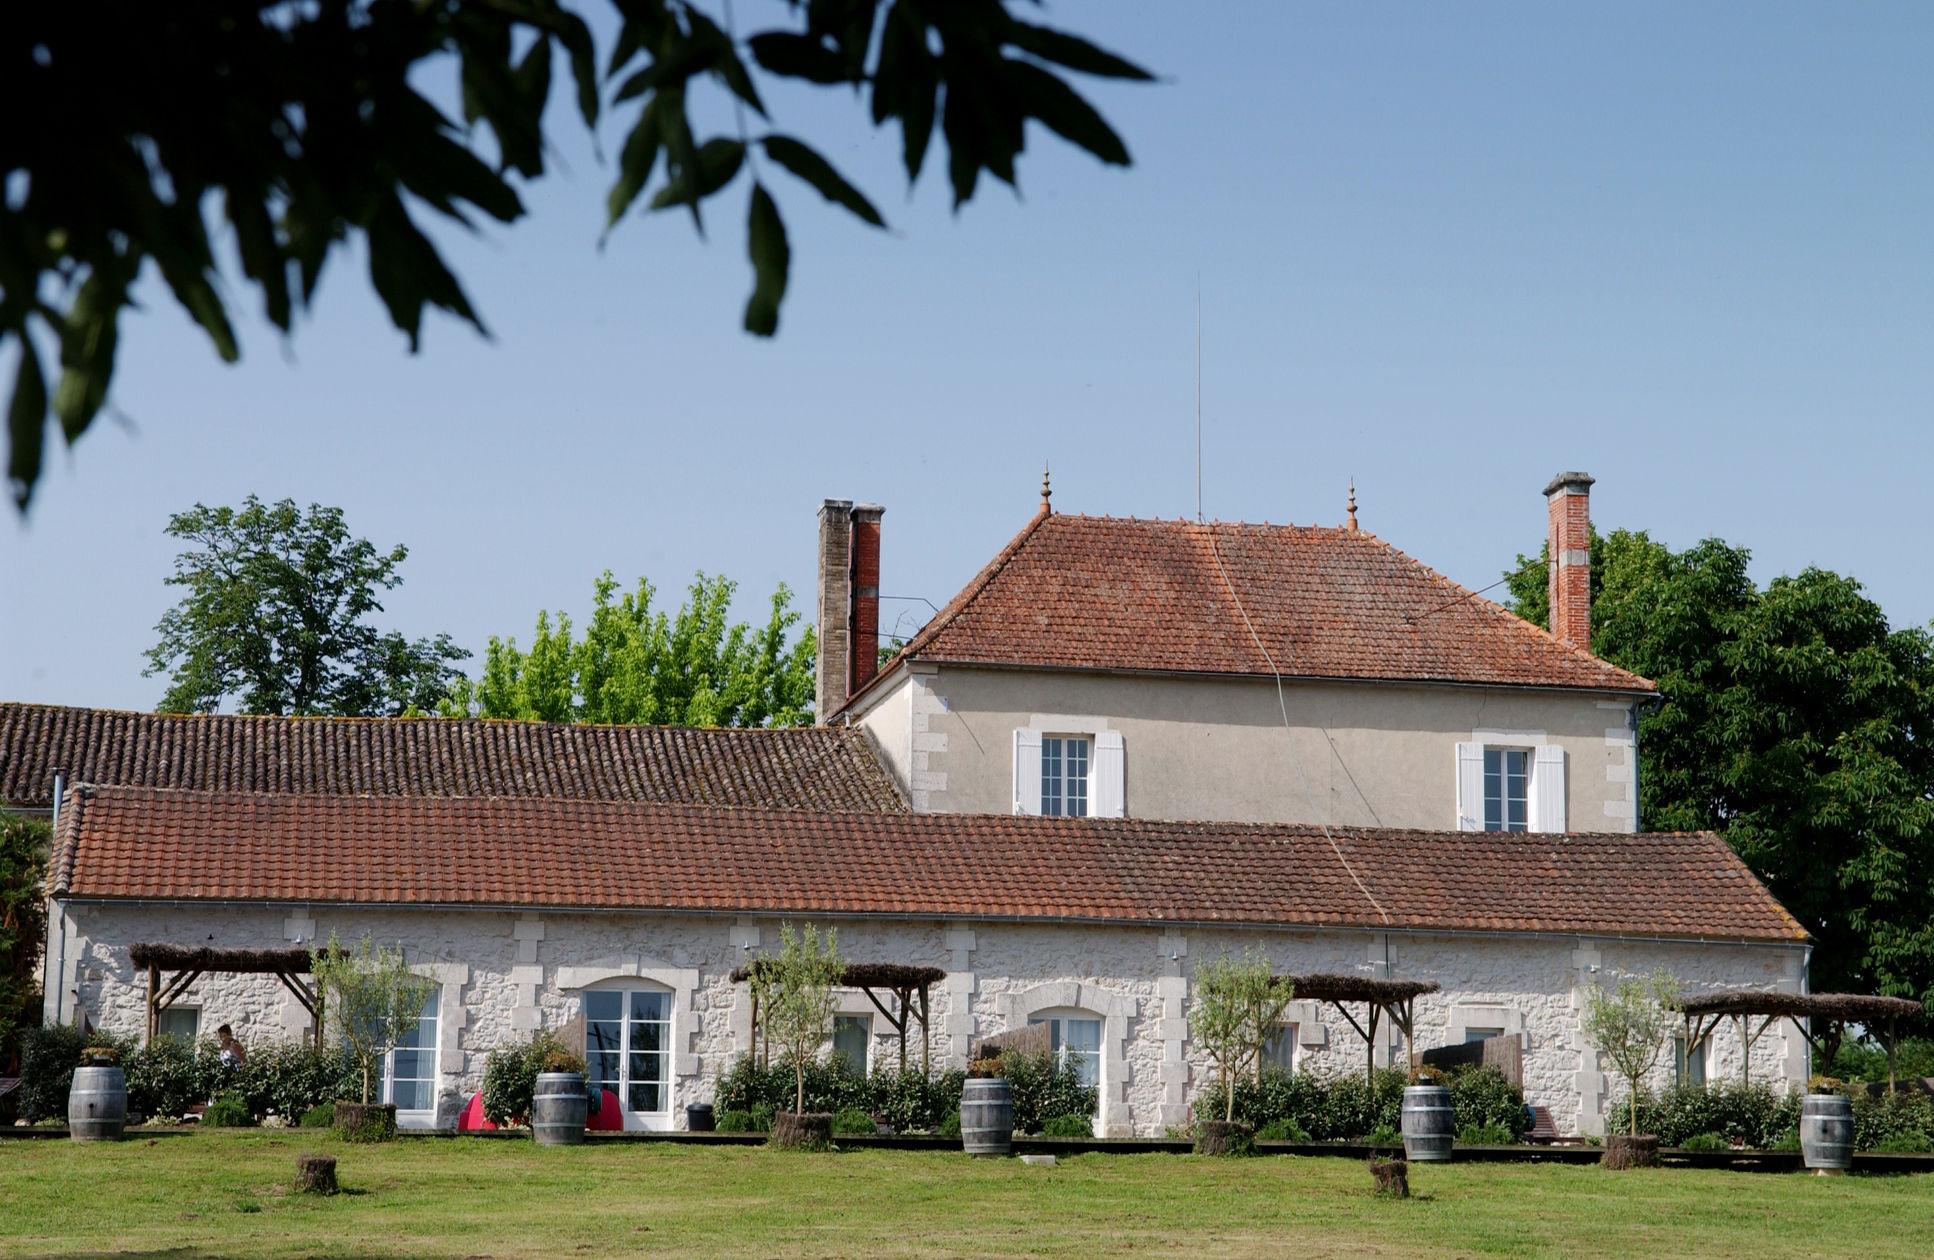 Koop 'Herenhuis met 5 gîtes, B&B in Dordogne' in Aquitaine ...